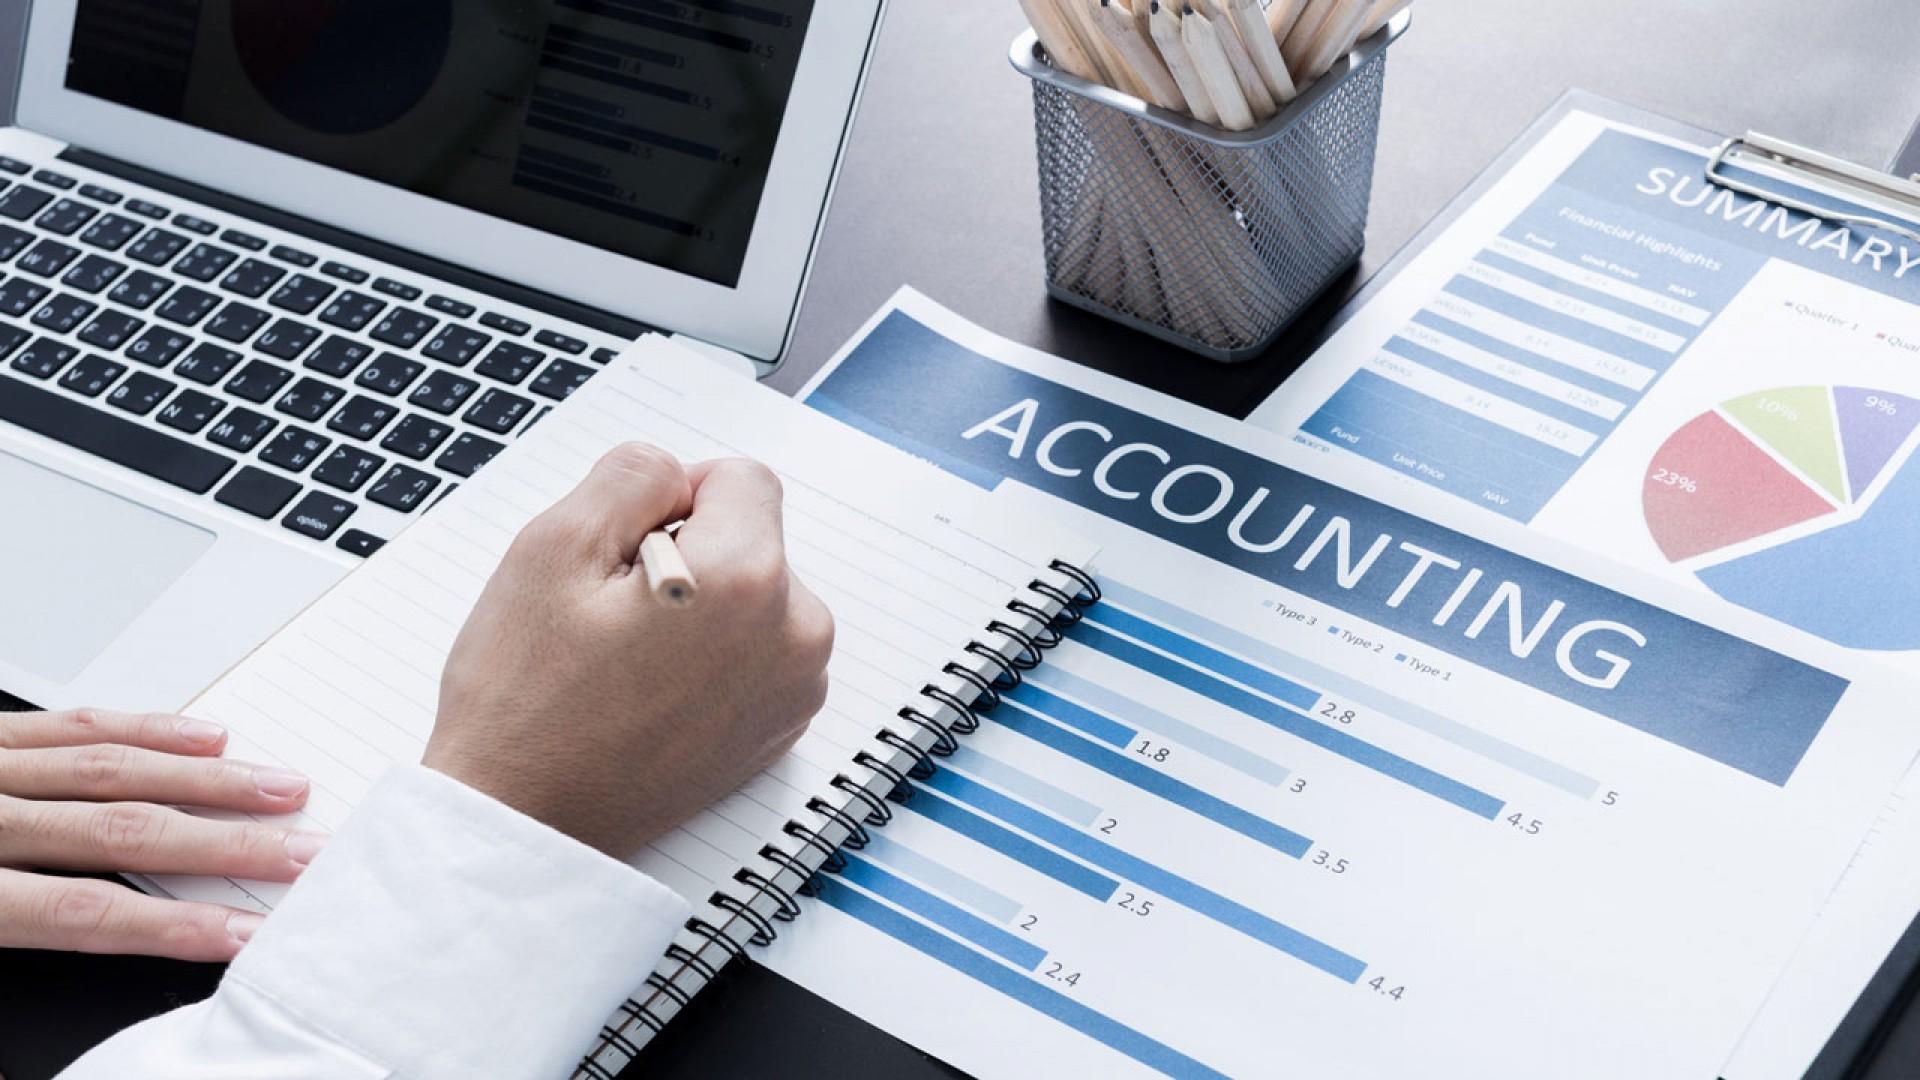 Khái niệm, vai trò, nhiệm vụ kế toán tài chính trong doanh nghiệp